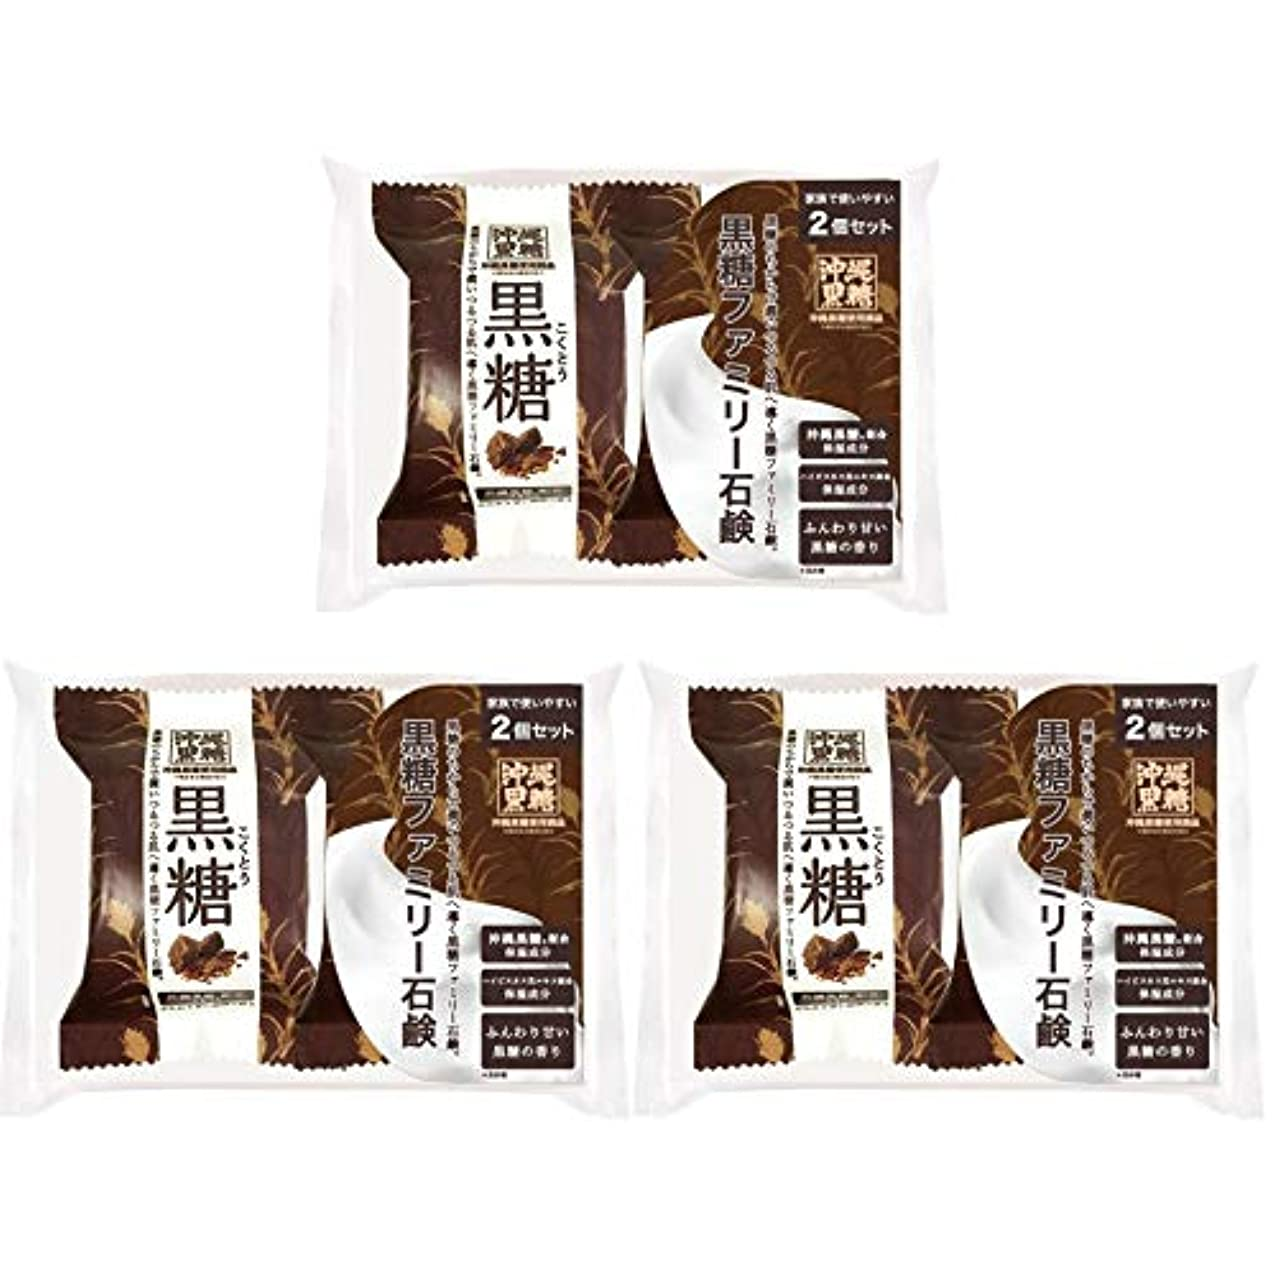 顔料四集まる【3個セット】ペリカン石鹸 ファミリー黒糖石鹸 80g×2個